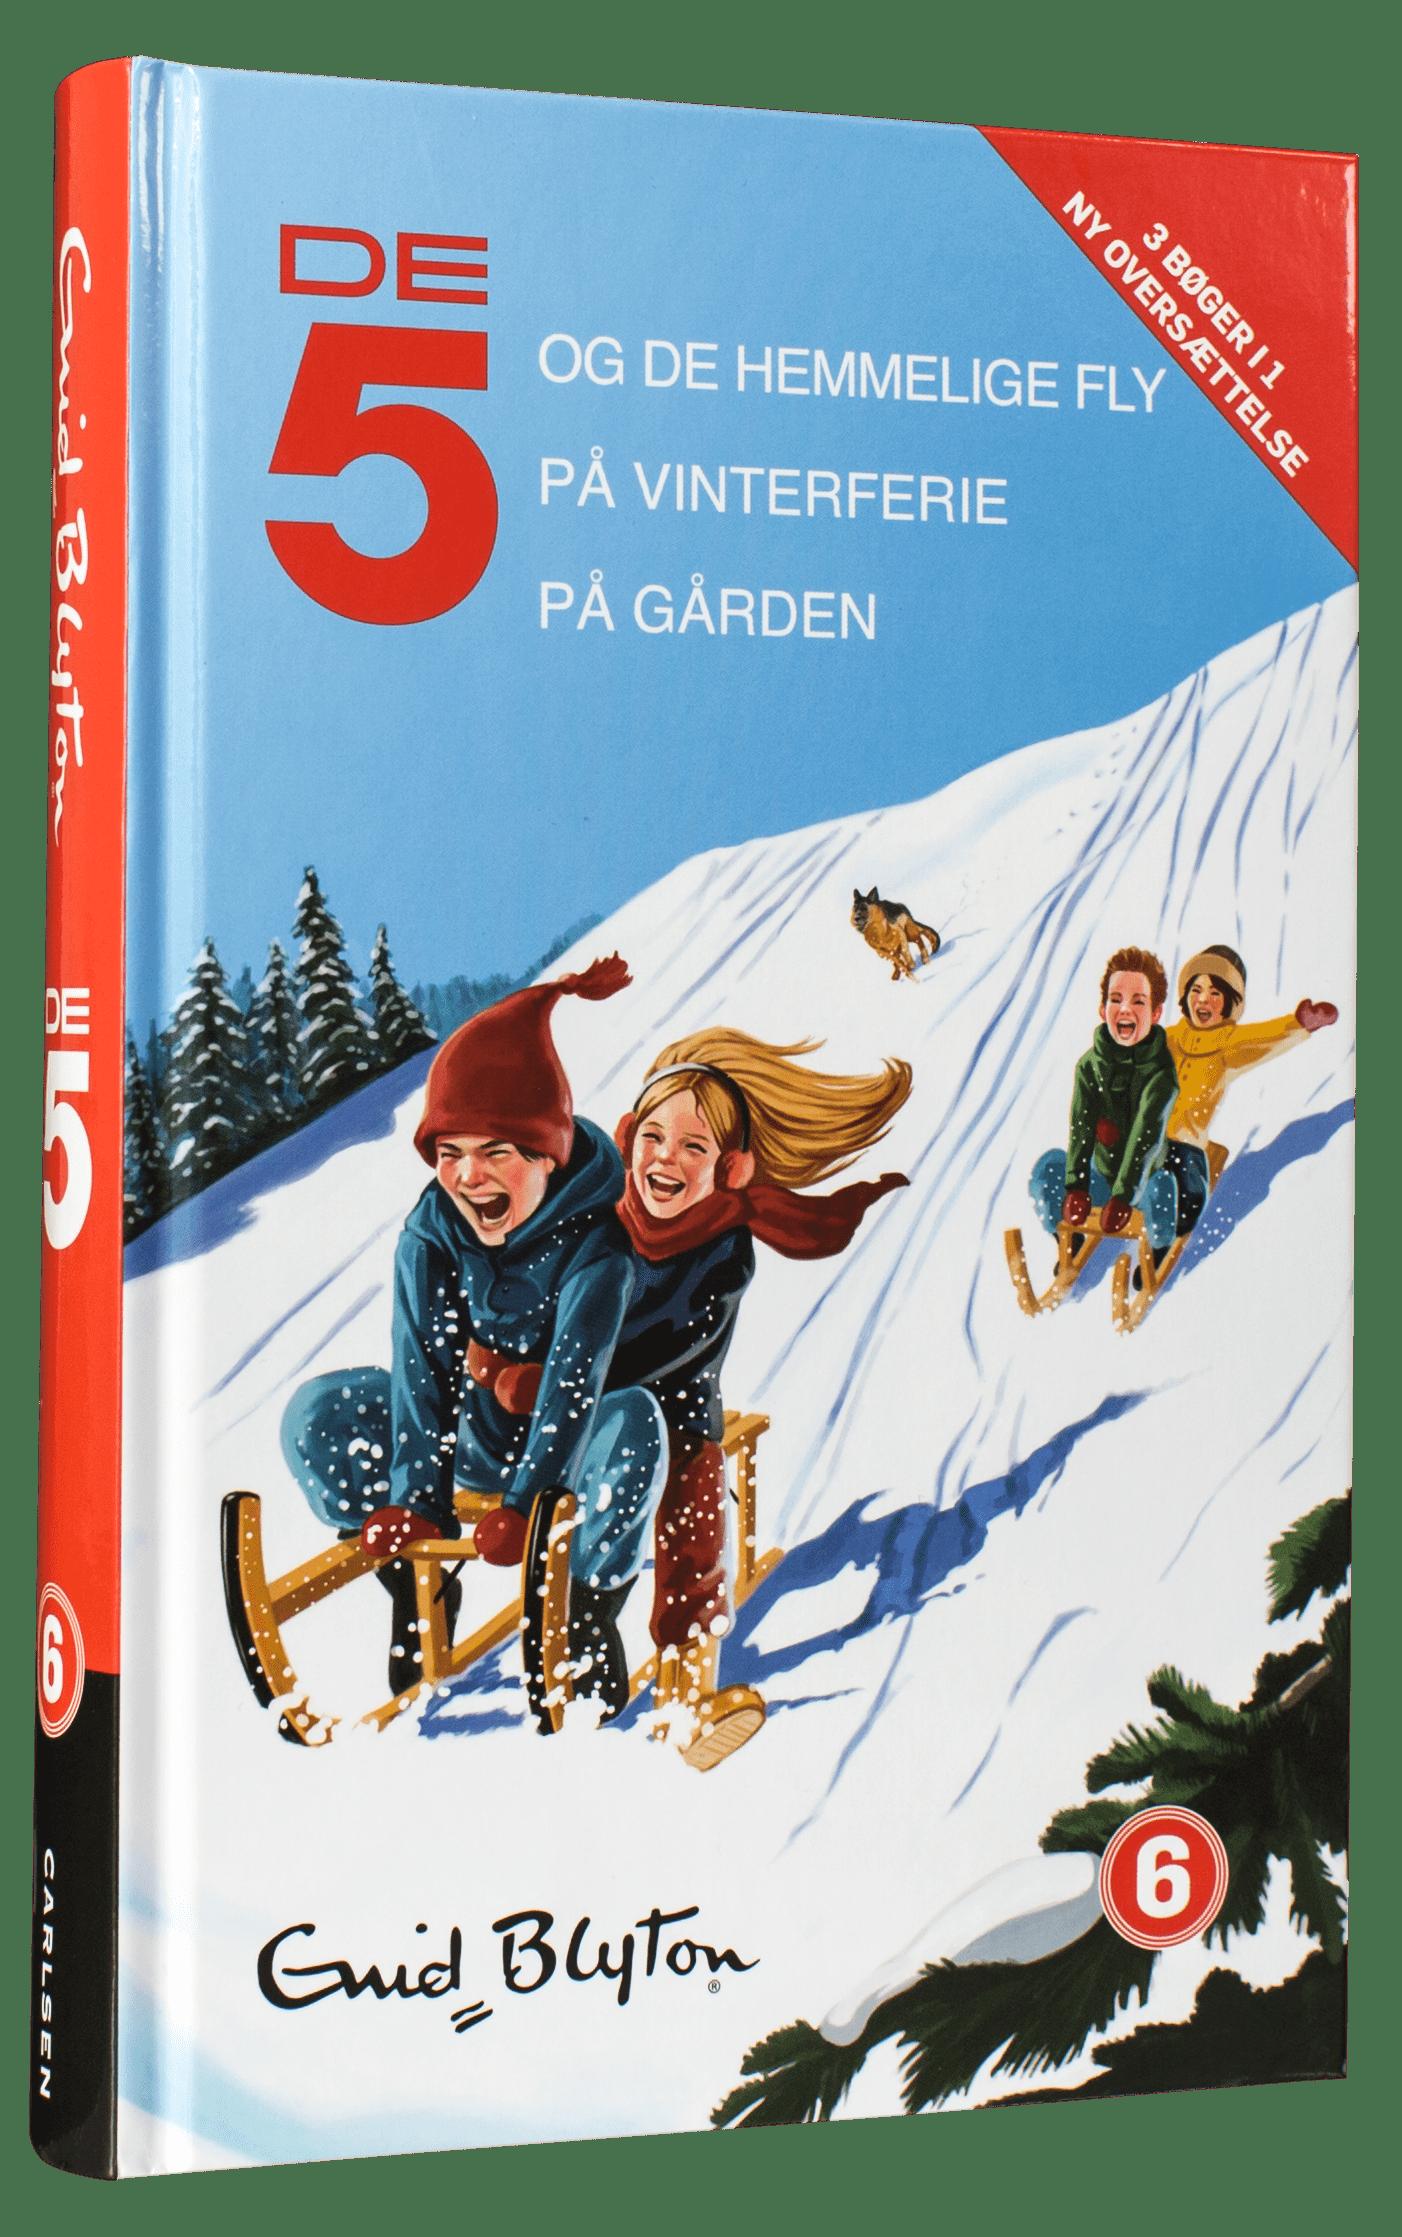 De 5, de 5 på vinterferie, børnebøger til vinterferien, ferielæsning, høtjlæsning